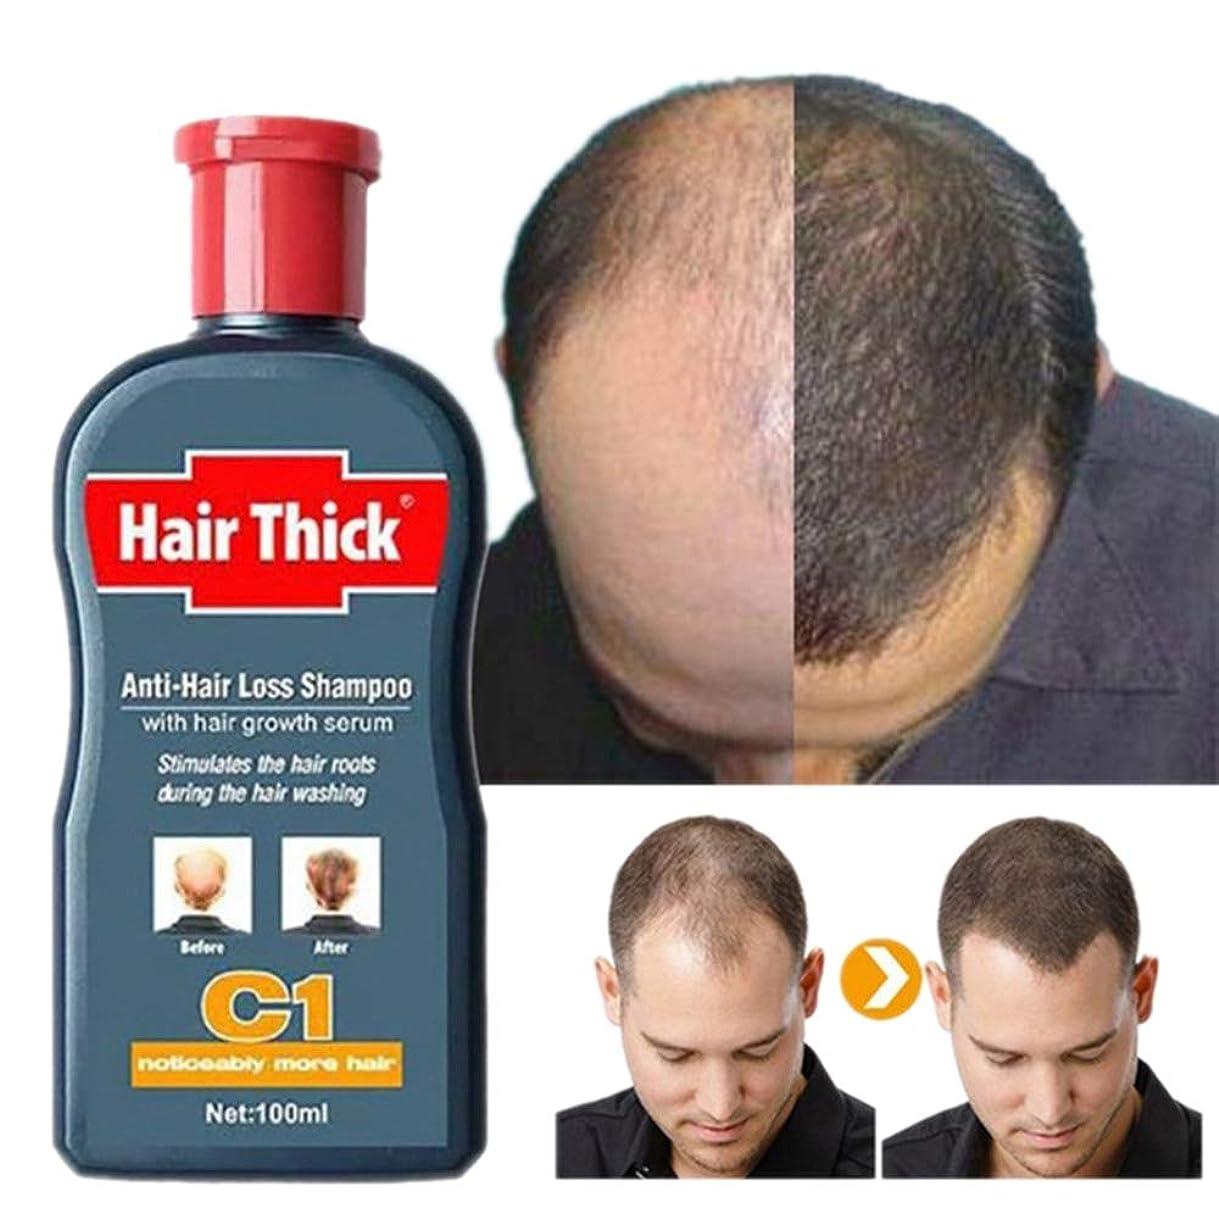 付録比較的経営者(最高の価格と品質)3ピースDexe 100ミリリットルC1抗抜け毛ハーブシャンプーユニセックスヘアトリートメント抗抜け毛で速い毛修復成長血清伝統的な漢方薬 ((Best Price and Quality) 3 Pieces Dexe 100Ml C1 Anti Hair Loss Herbal Shampoo Unisex Hair Treatment Anti-Hair Loss With Fast Hair Repair Growth Serum Traditional Chinese Medicine)